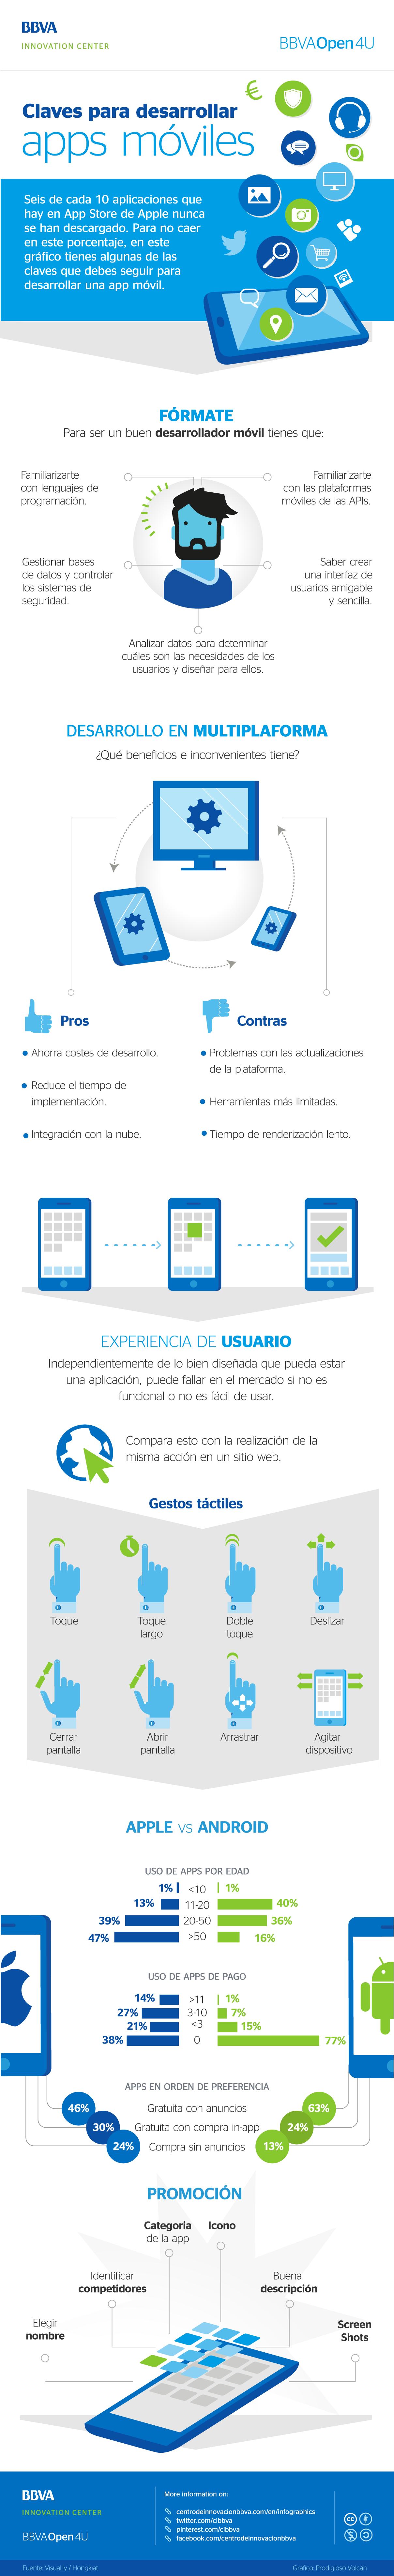 Infografía: claves para desarrollar apps móviles